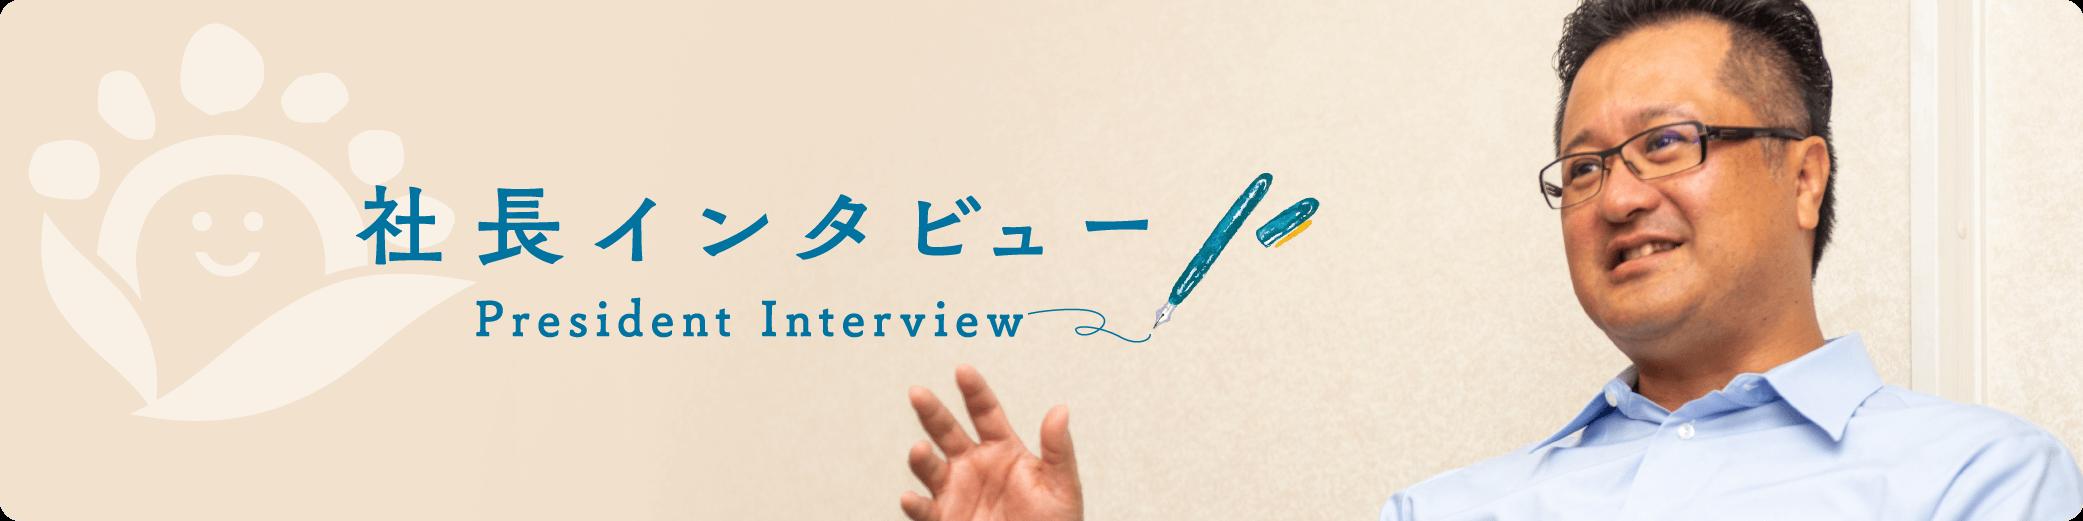 社長インタビュー